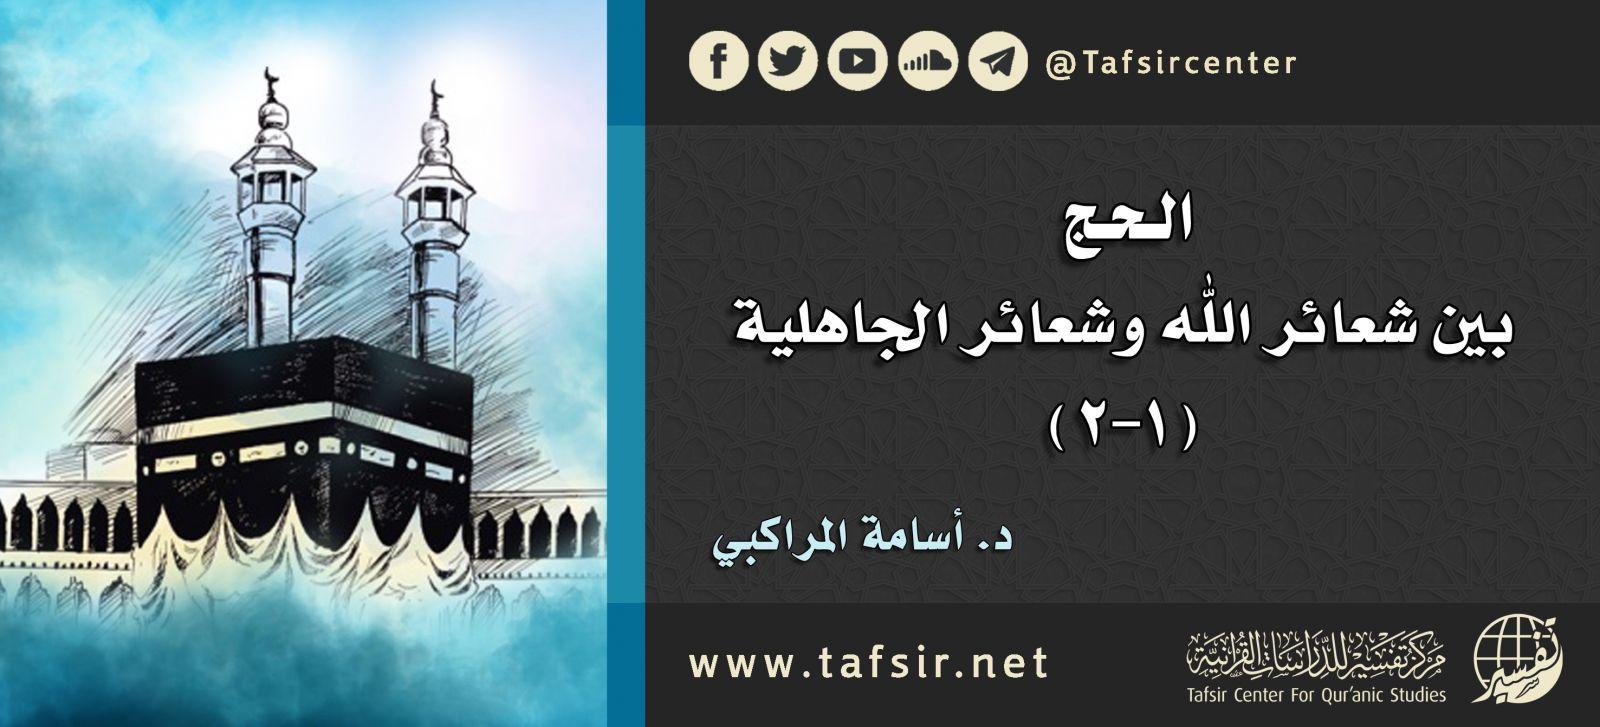 الحج بين شعائر الله وشعائر الجاهلية 1 2 Tafsir Center For Quranic Studies مركز تفسير للدراسات القرآنية